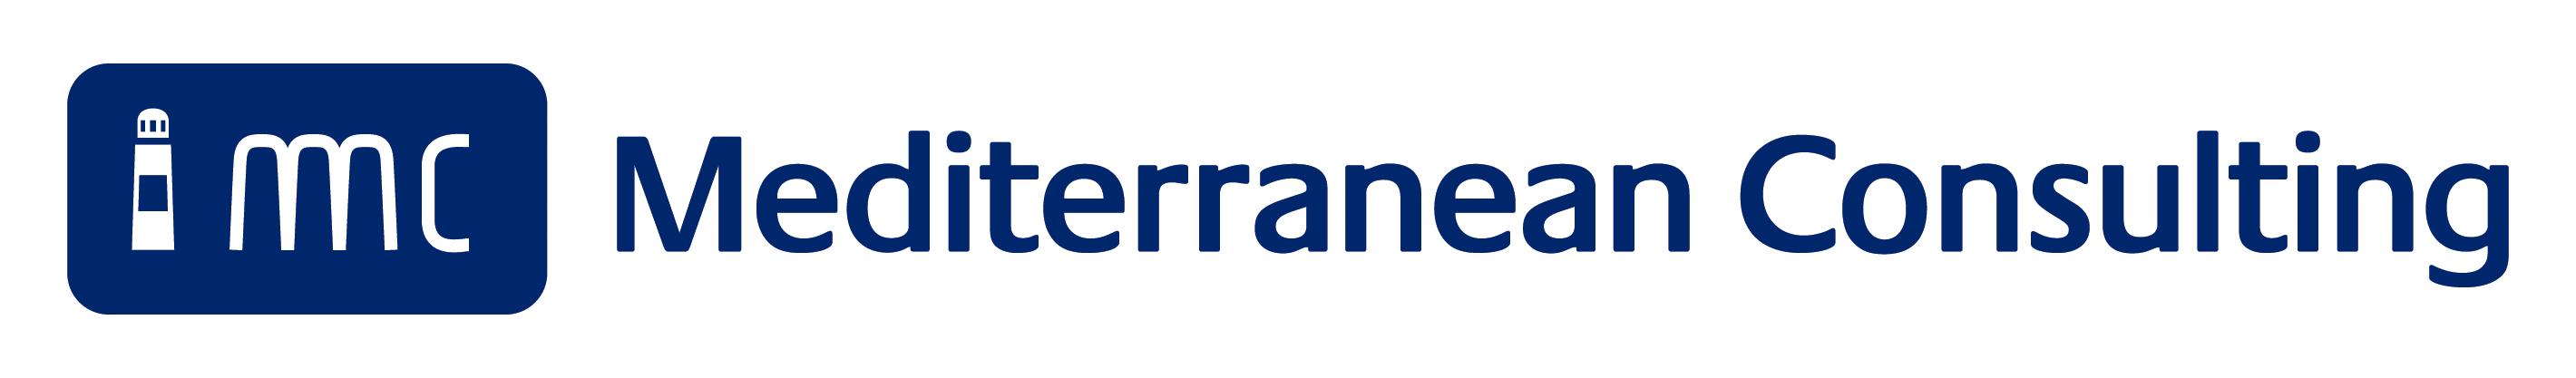 logo_mediterranean